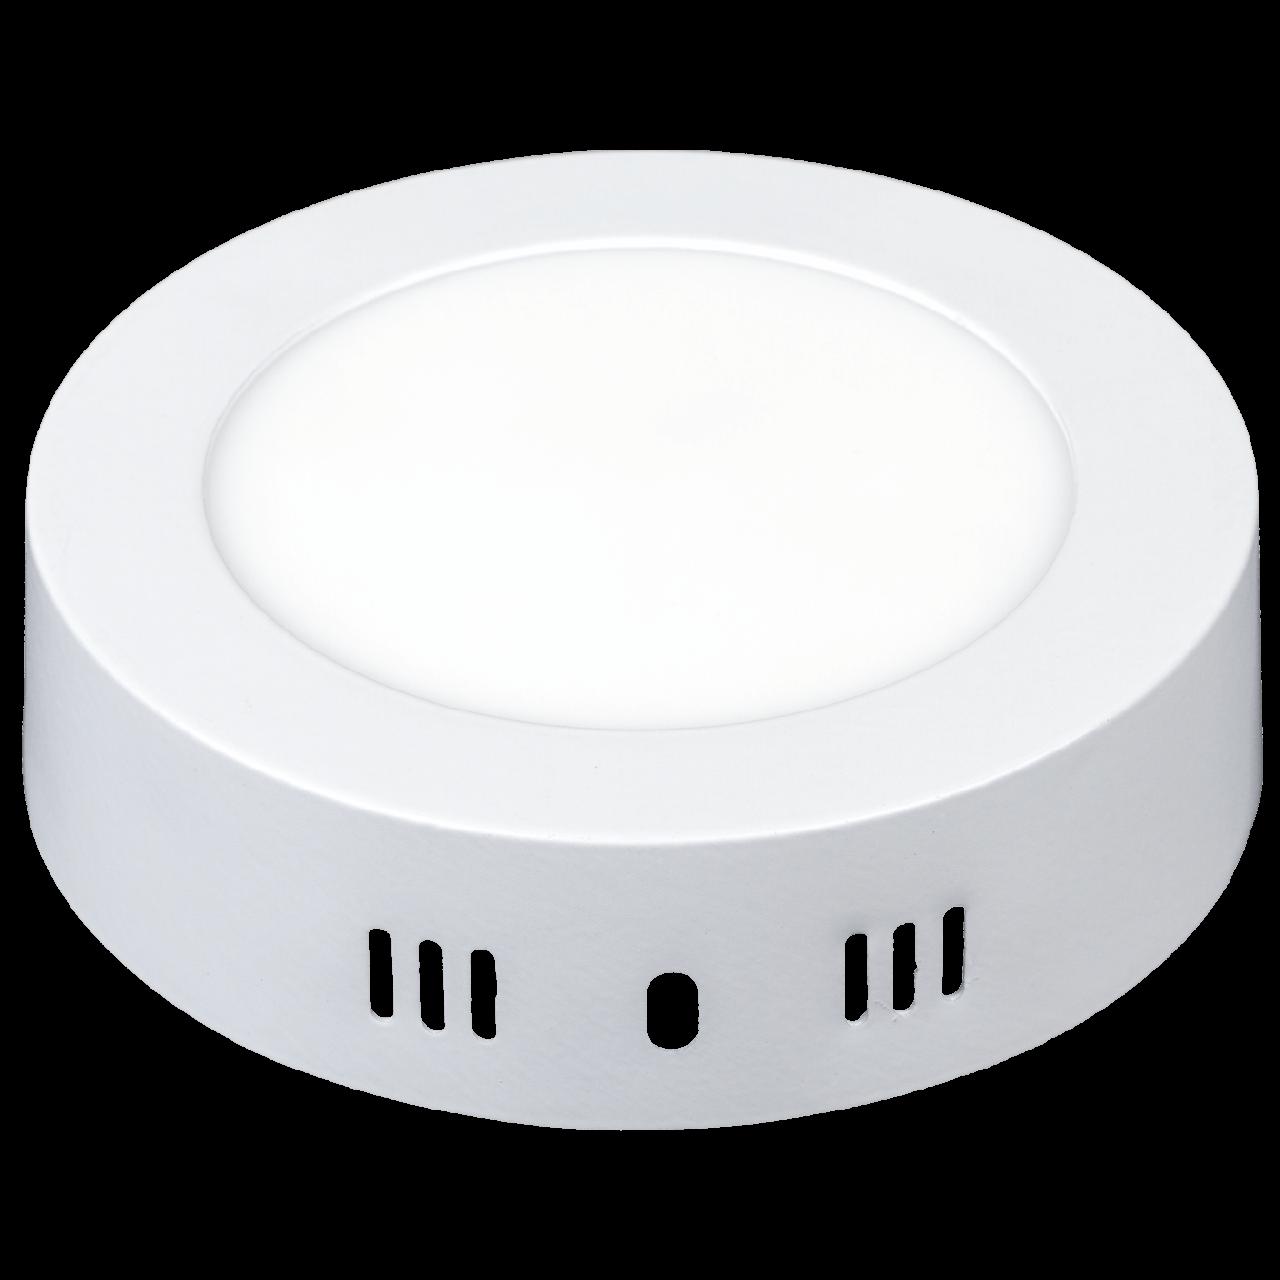 LED светильник Ilumia 6W 4000К нейтральный круг накладной (035)